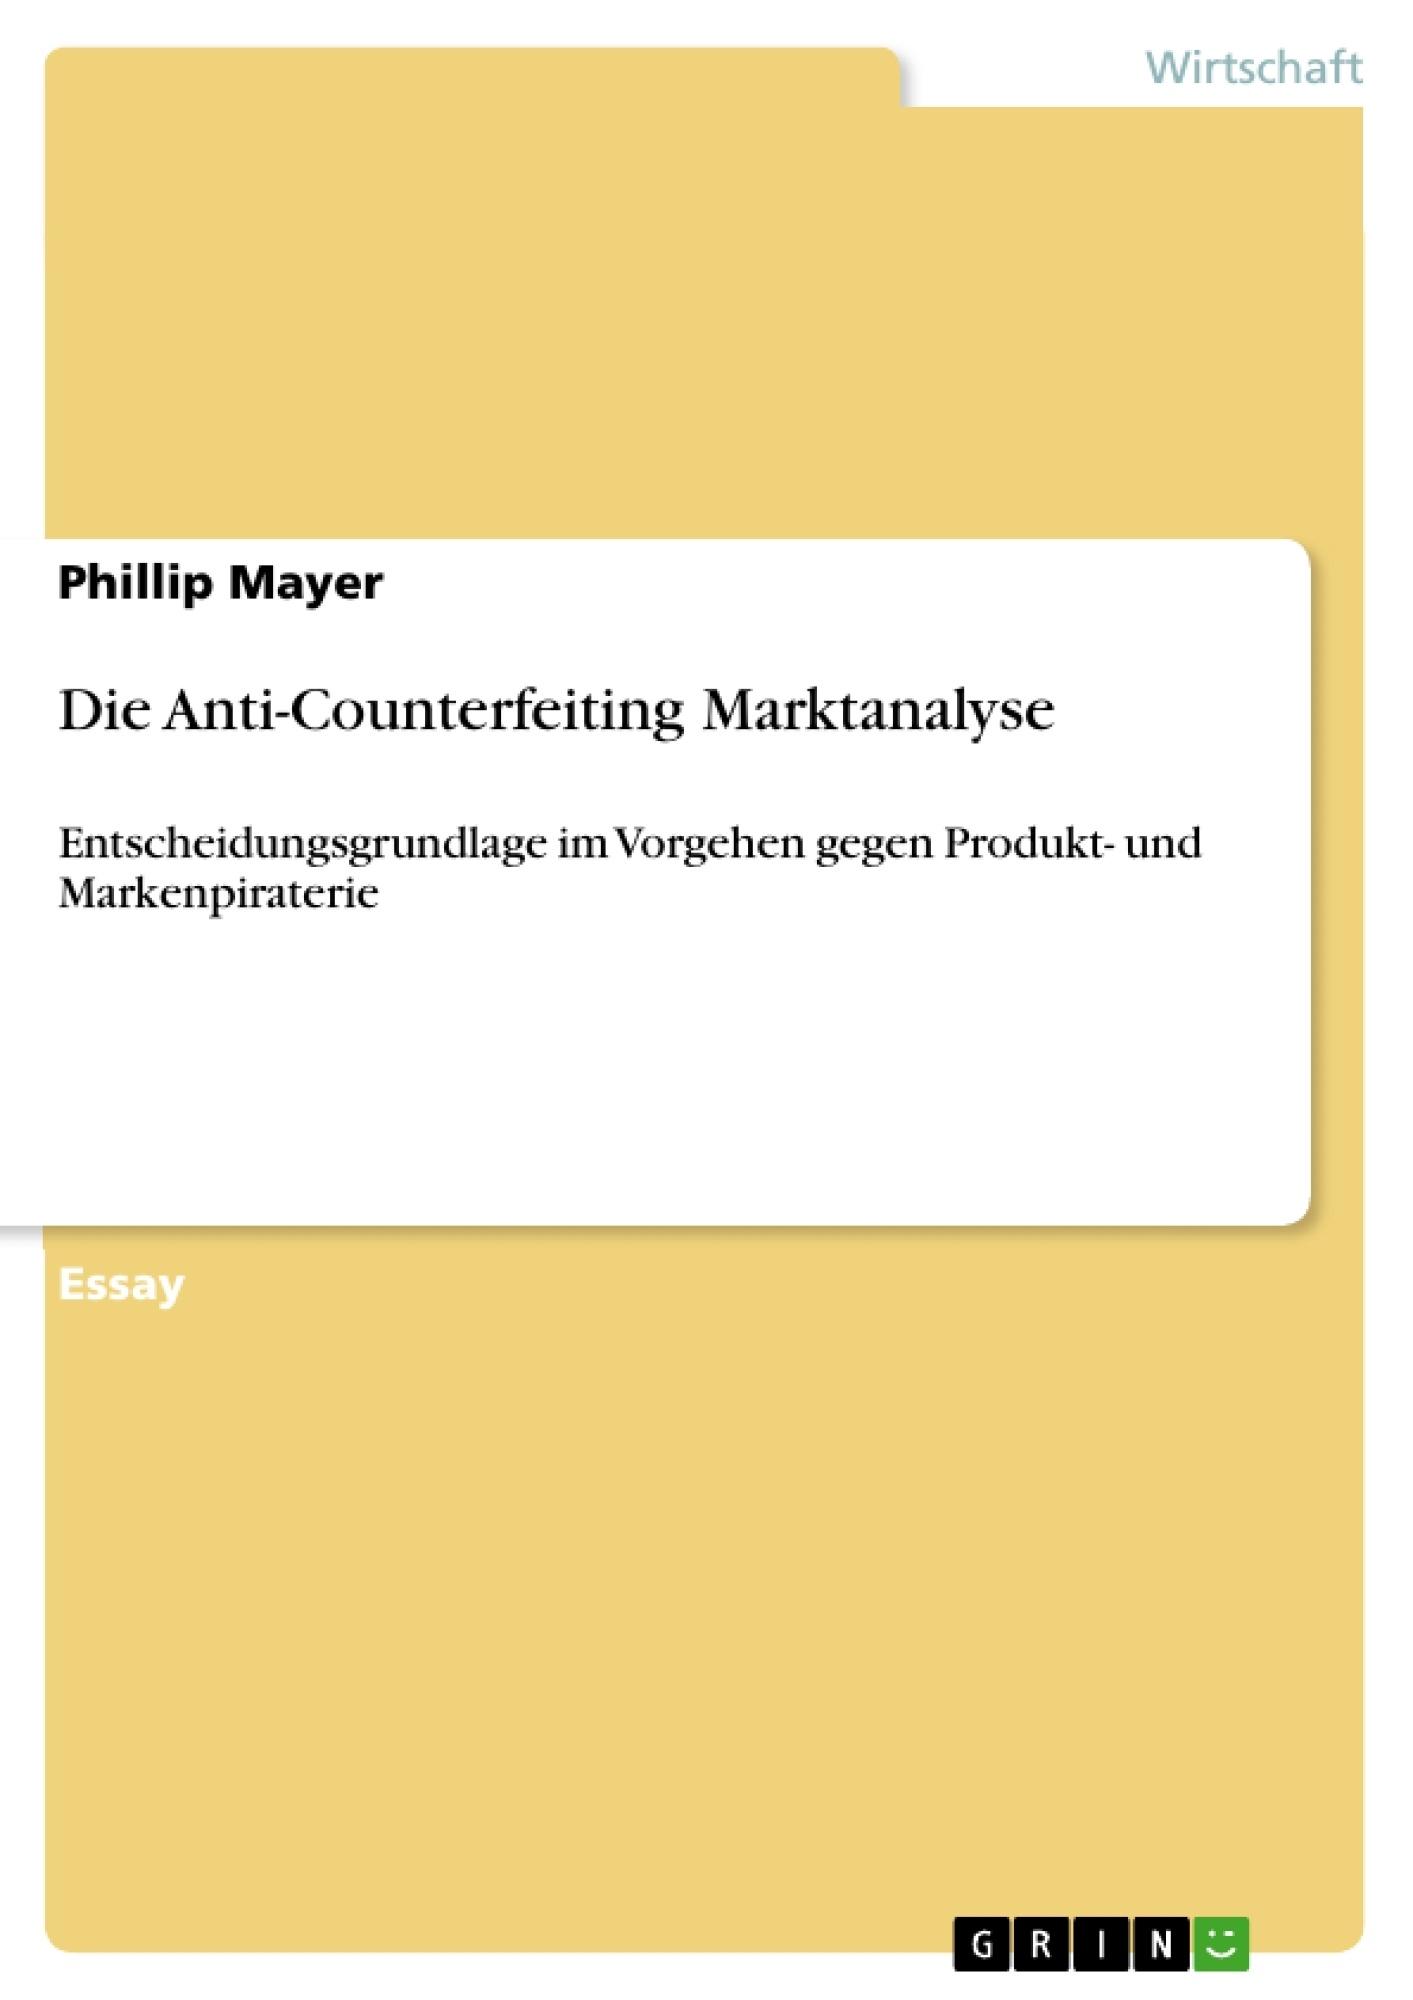 Titel: Die Anti-Counterfeiting Marktanalyse